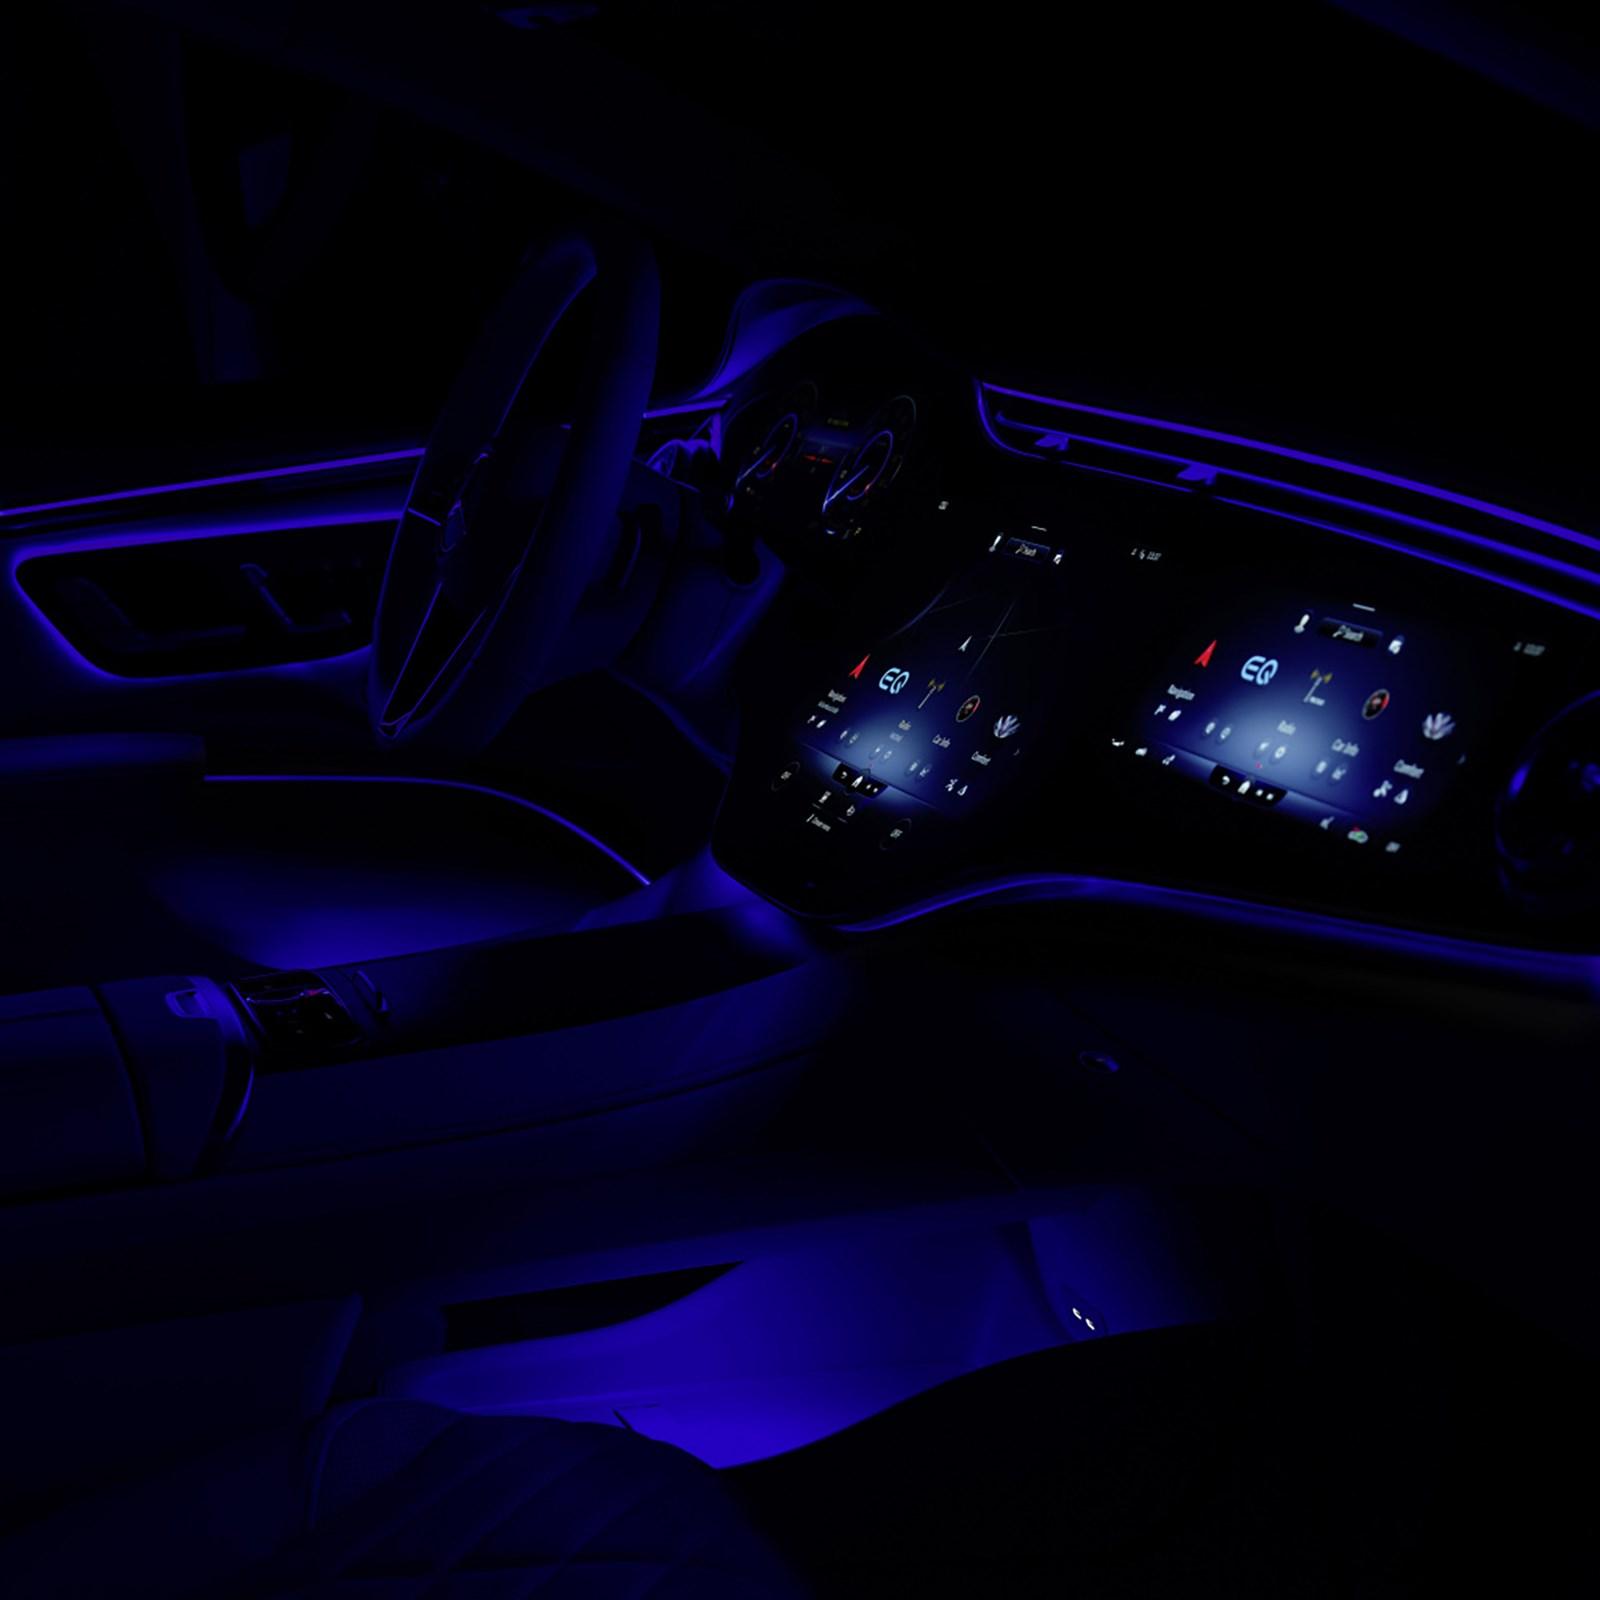 メルセデスがSクラスの電気自動車版「EQS」の市販車らしからぬ超近未来的なインテリア公開